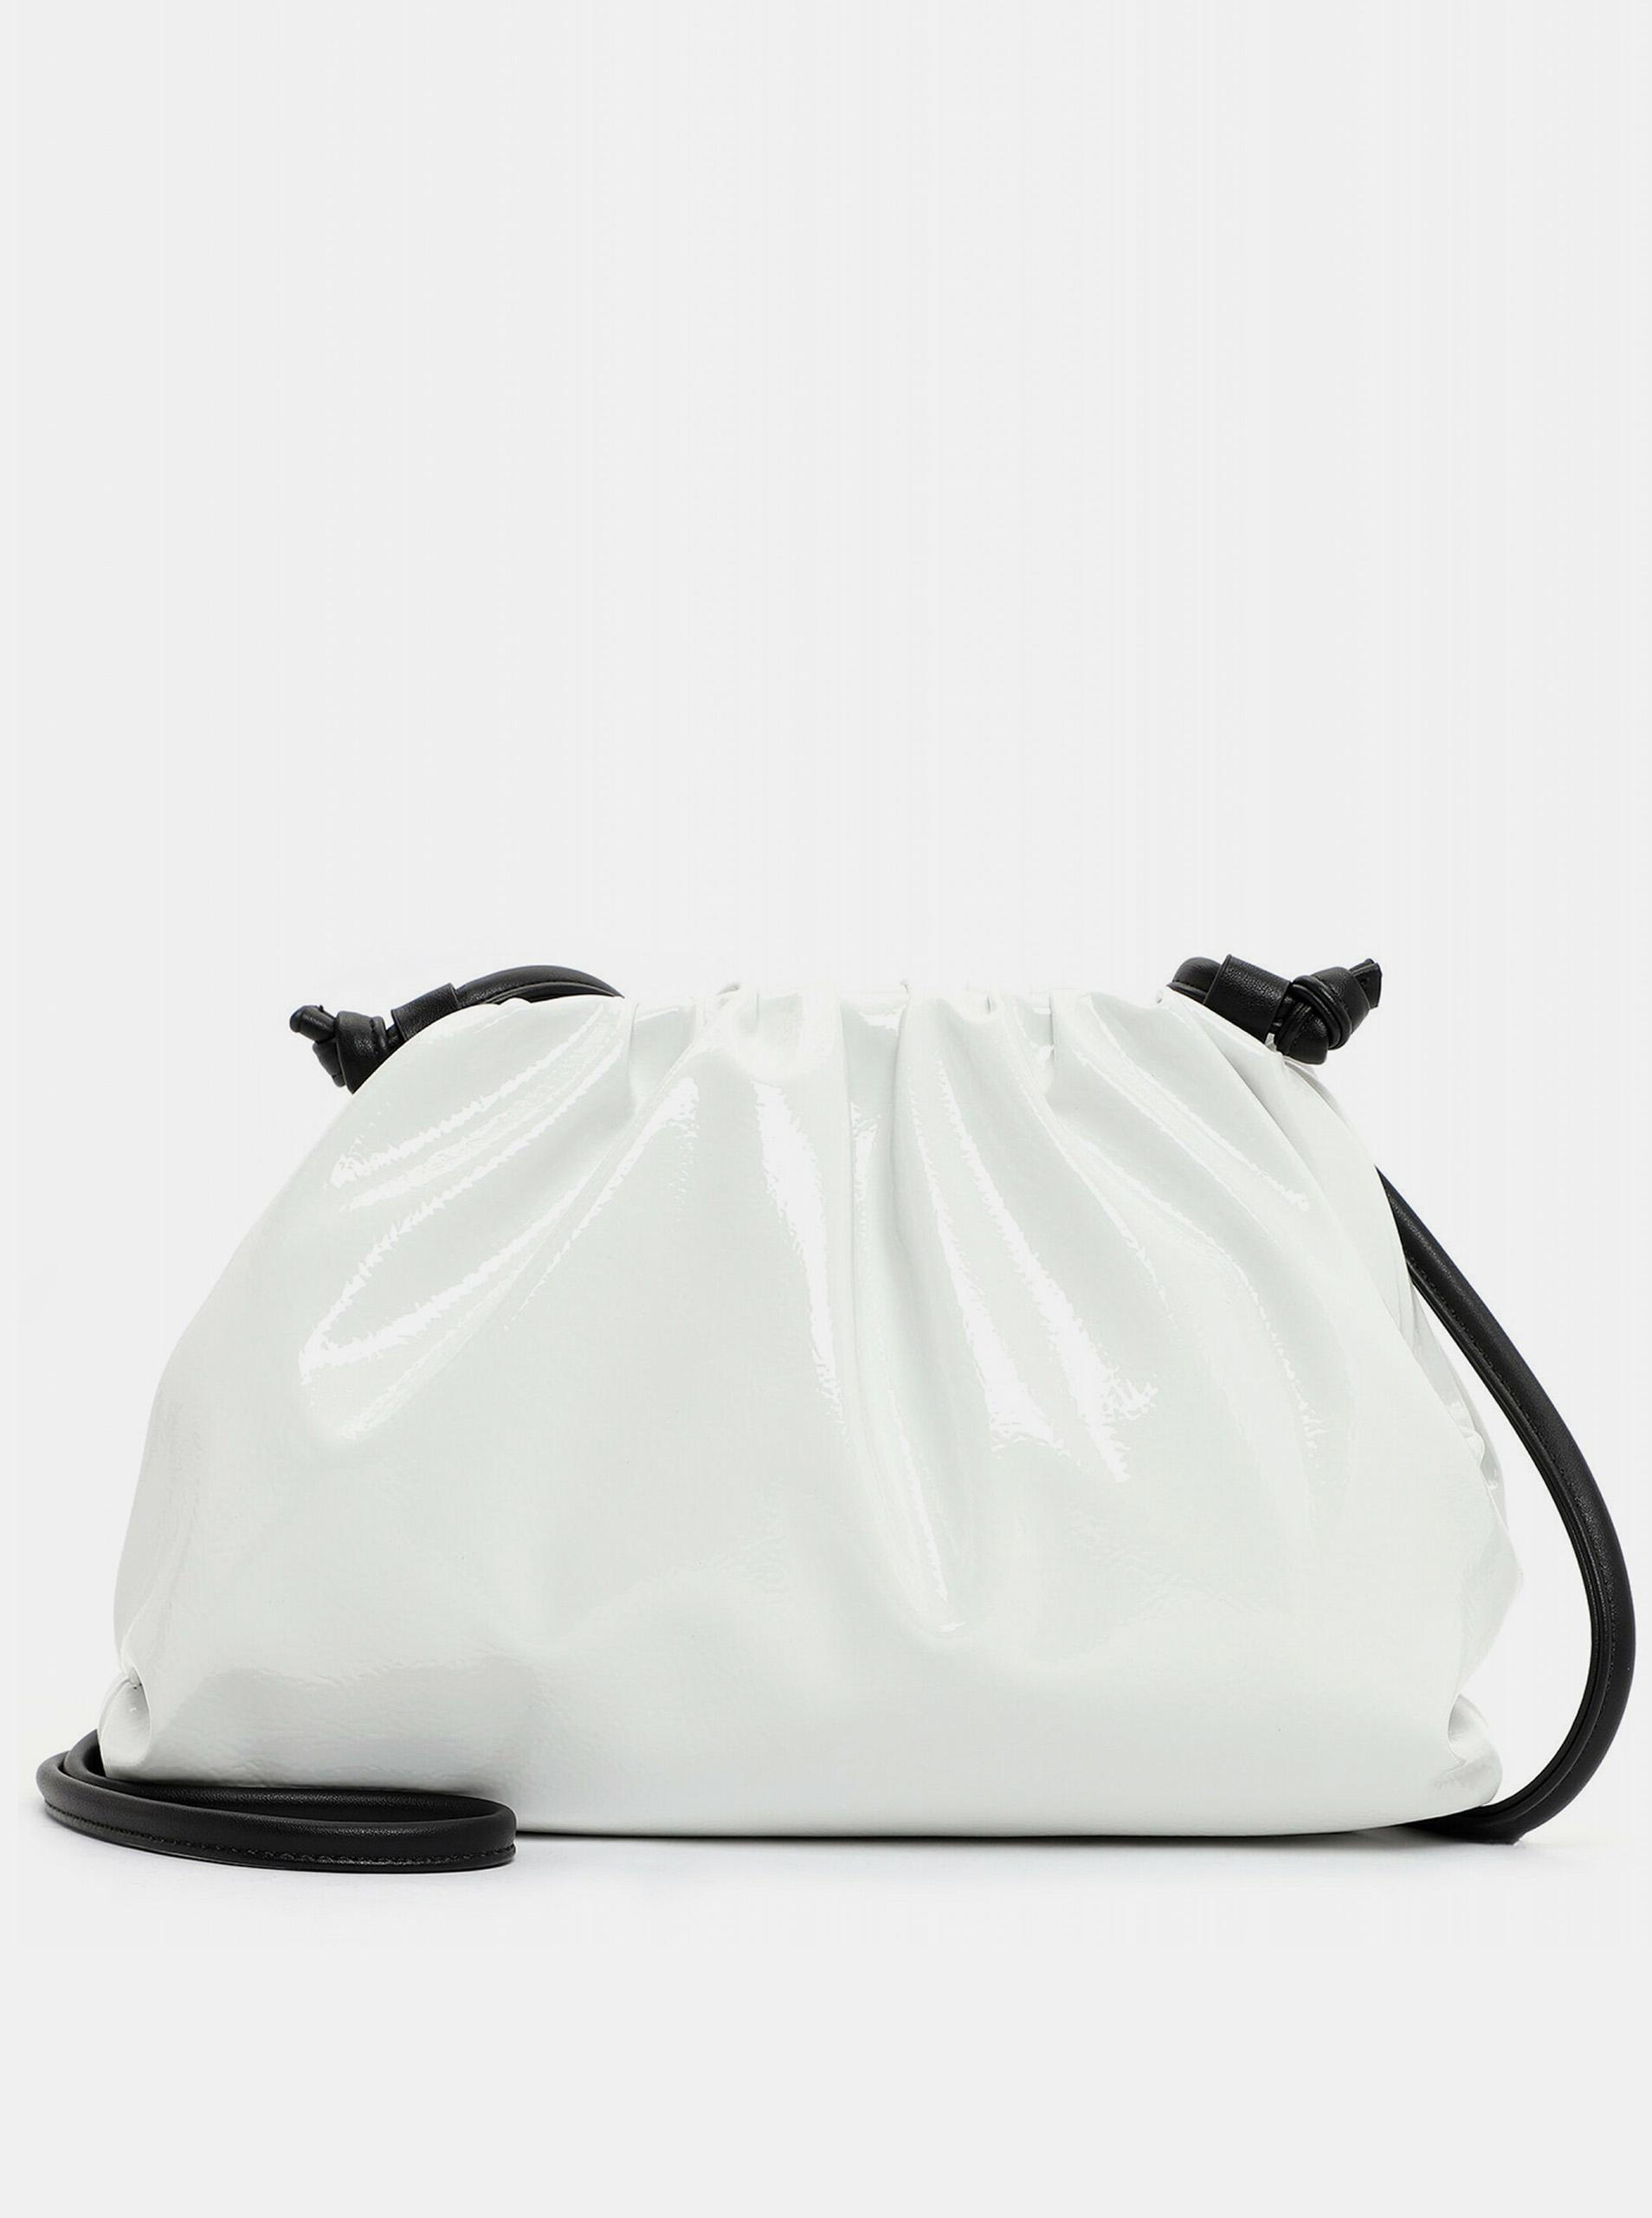 Tamaris biały crossbody mała torebka